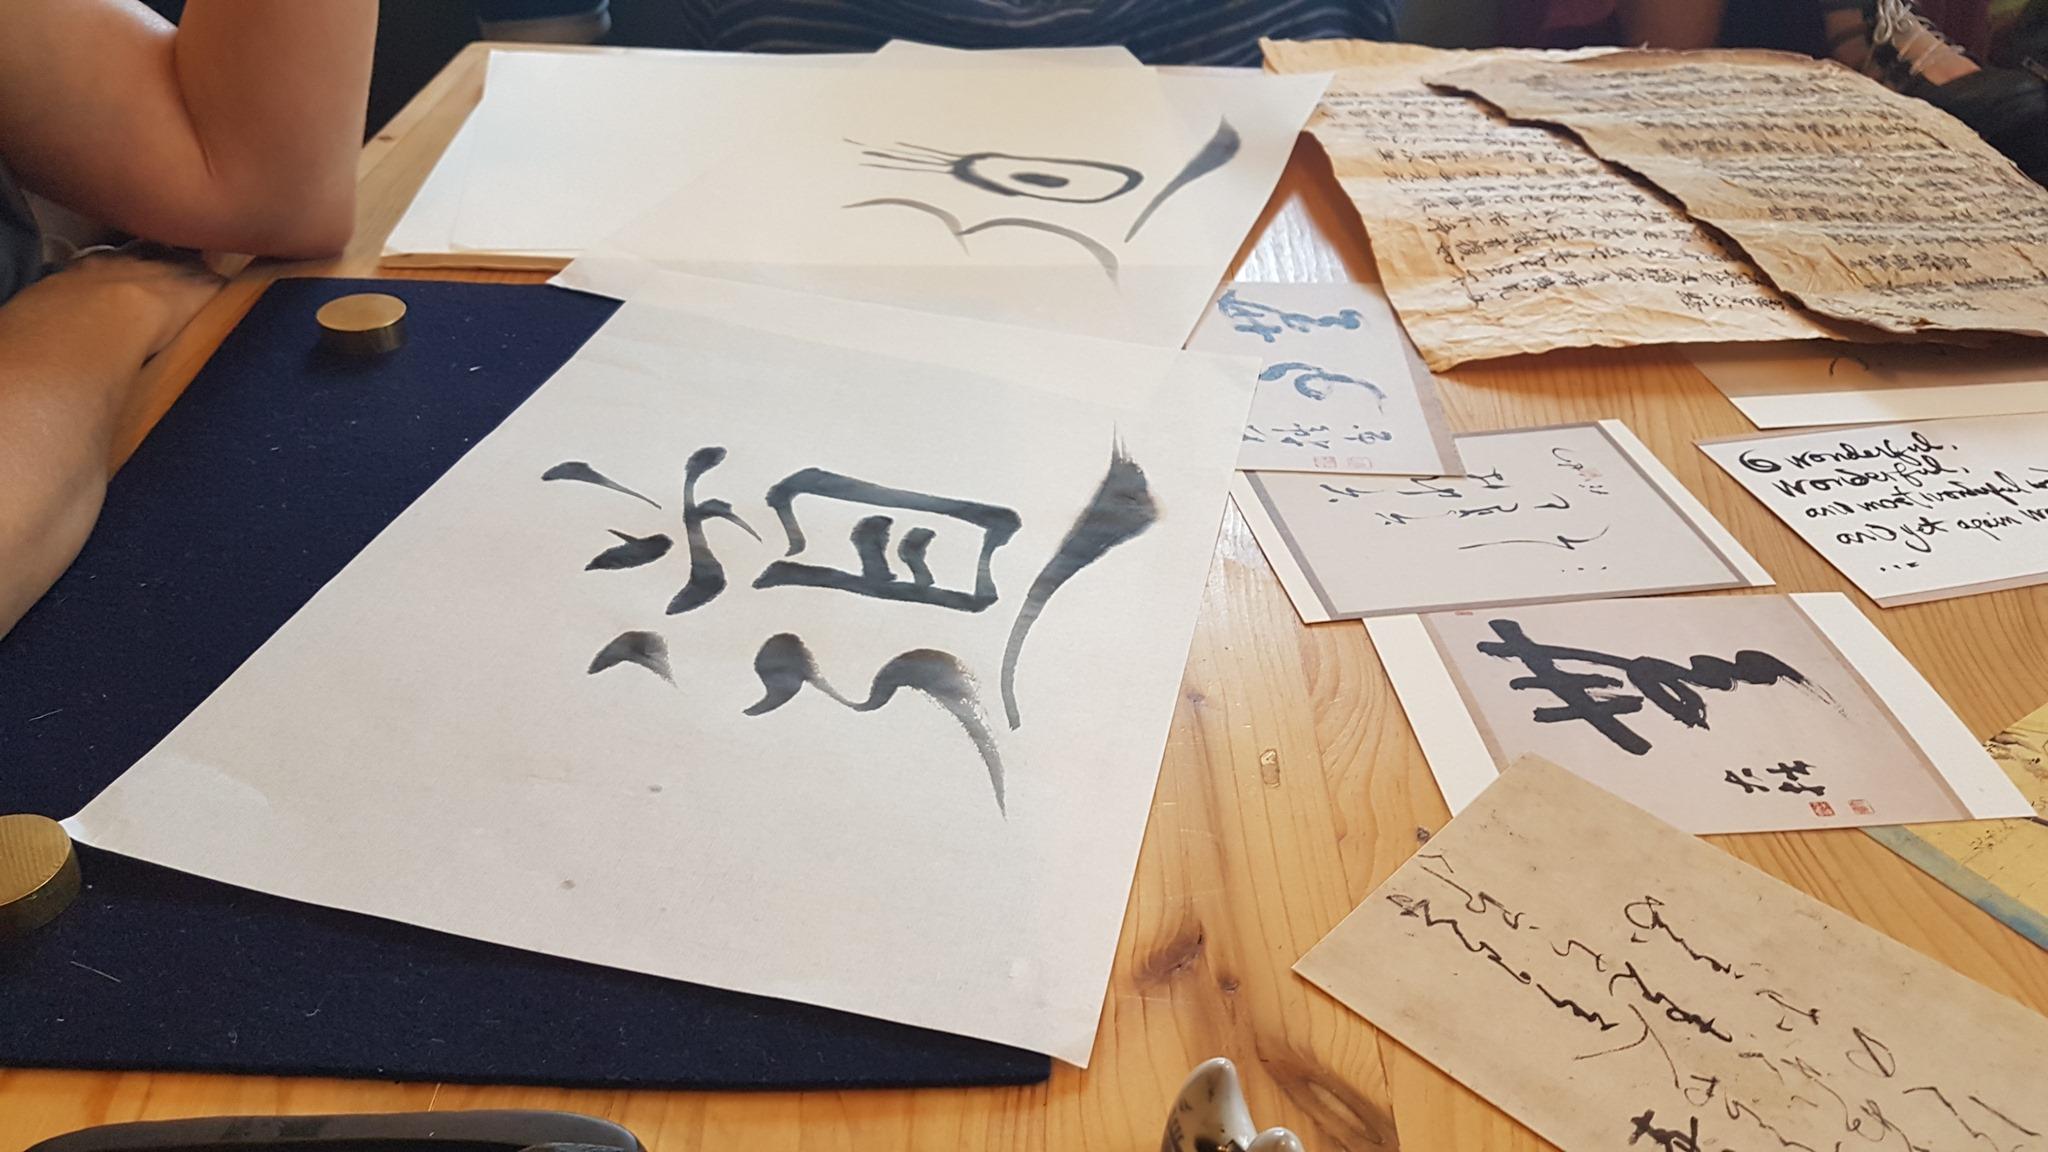 מסע במילים ברוח יפן בתל אביב  4-5 בספטמבר